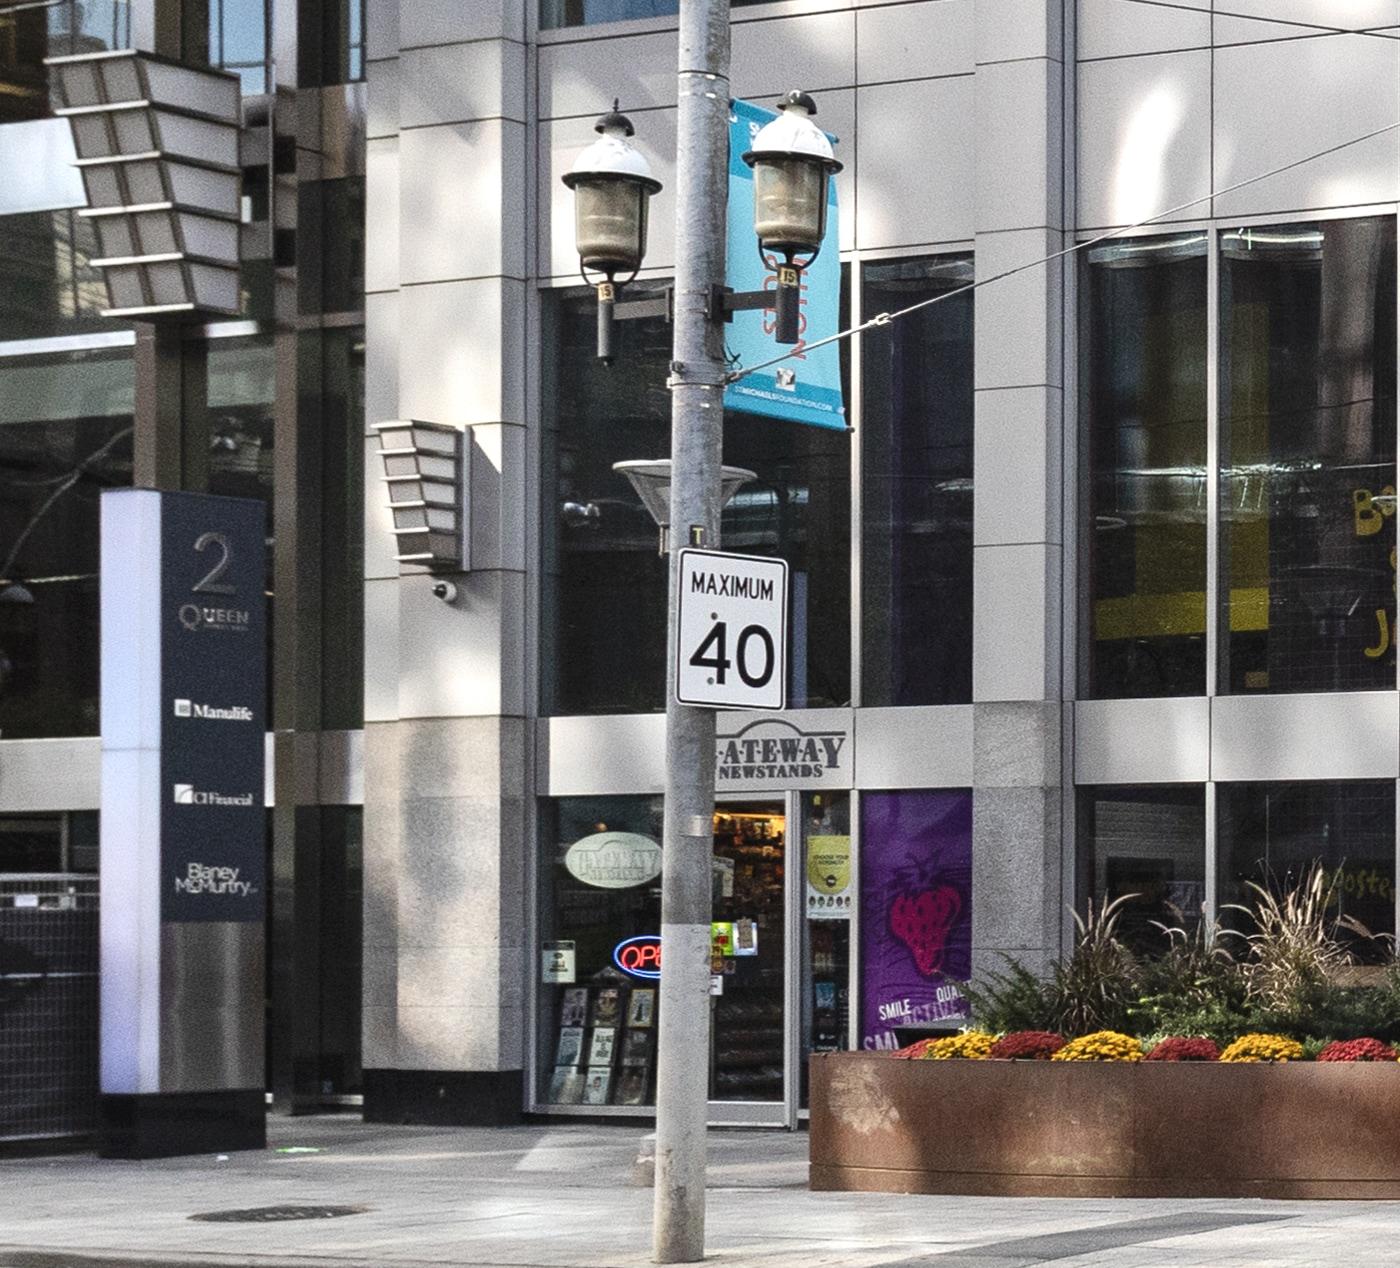 La photo montre un immeuble contemporain gris accueillant un magasin de journaux ainsi que le trottoir devant la façade. On retrouve des plantes aux couleurs d'automne à la droite du magasin. En premier plan, il y a un lampadaire avec un panneau indiquant «Maximum40».